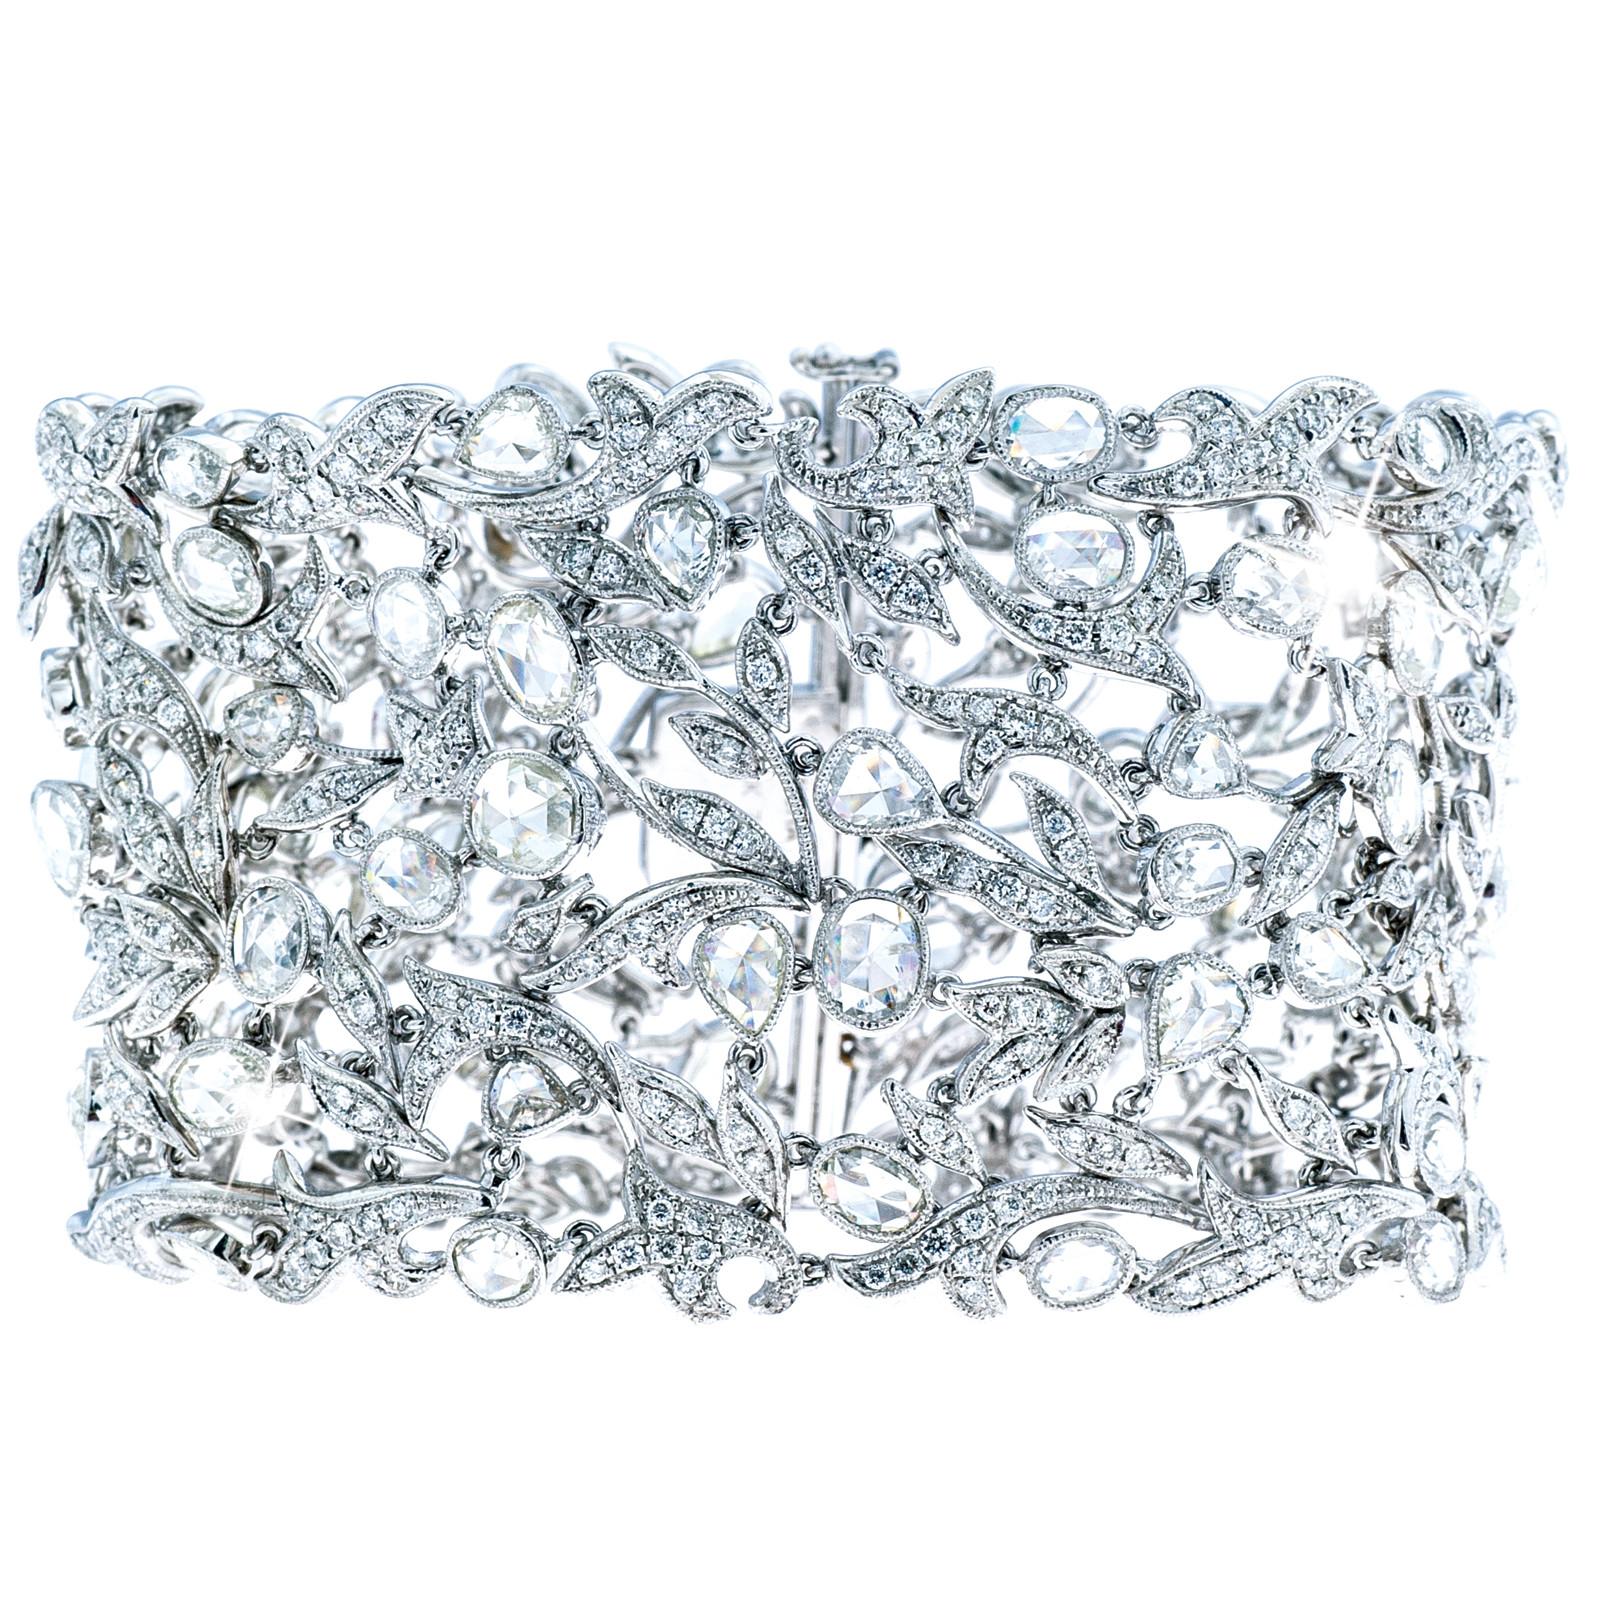 New 14K White Gold 22.10 CTW Diamond Bracelet